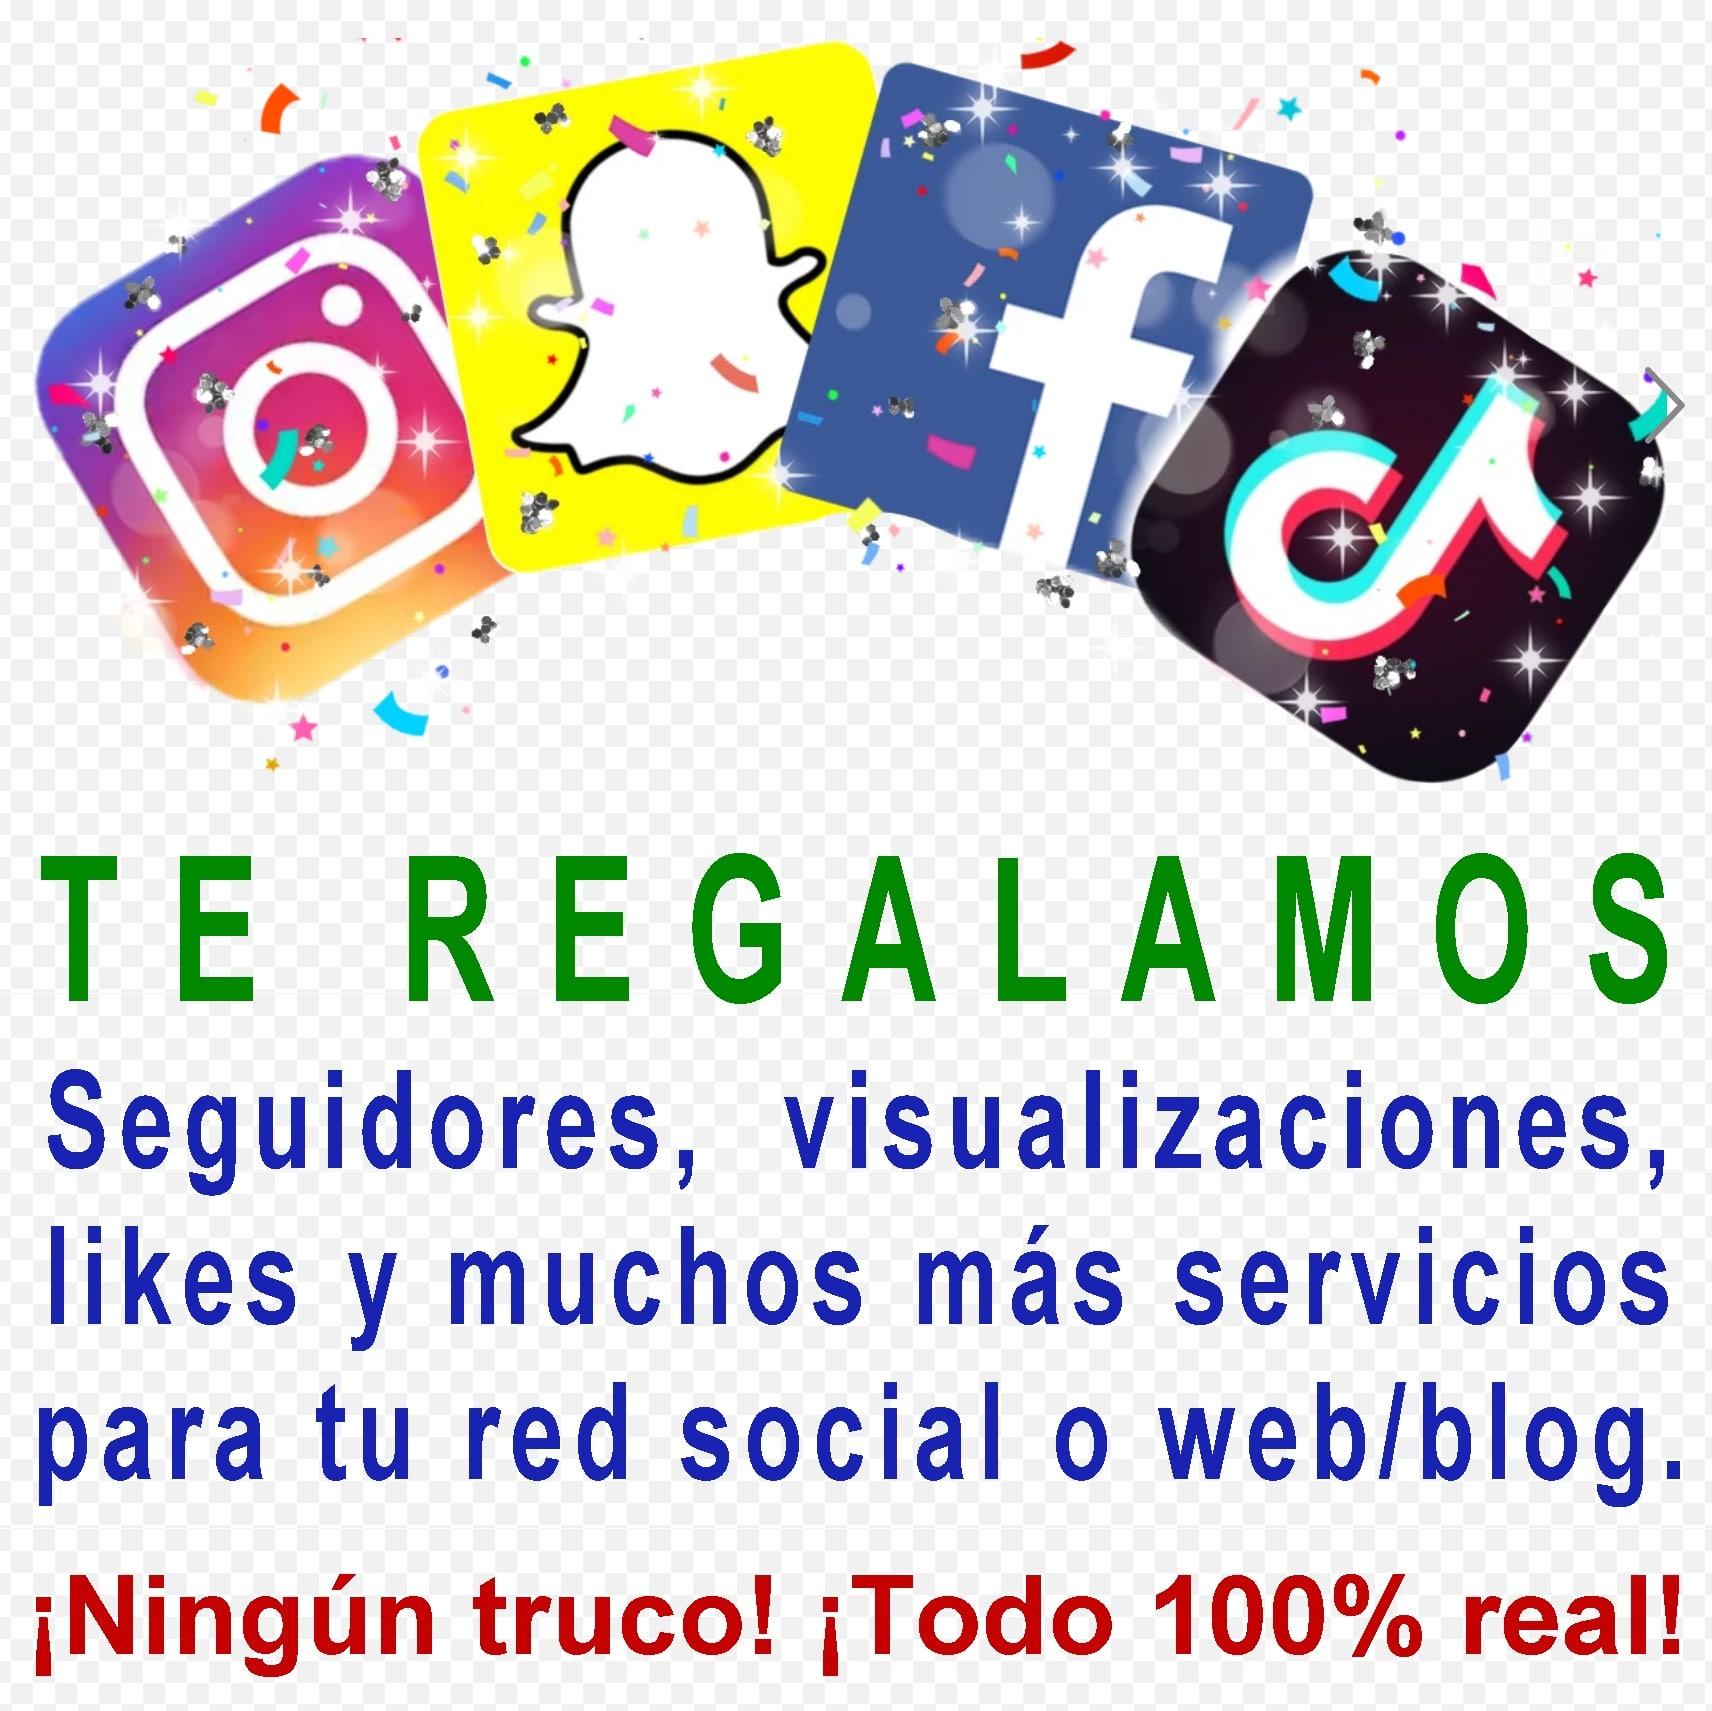 Regalamos seguidores, likes y visualizaciones para tu red social. Seguidores españoles gratis. Likes gratis. Visualizaciones Tik Tok gratis. ¡Oferta!